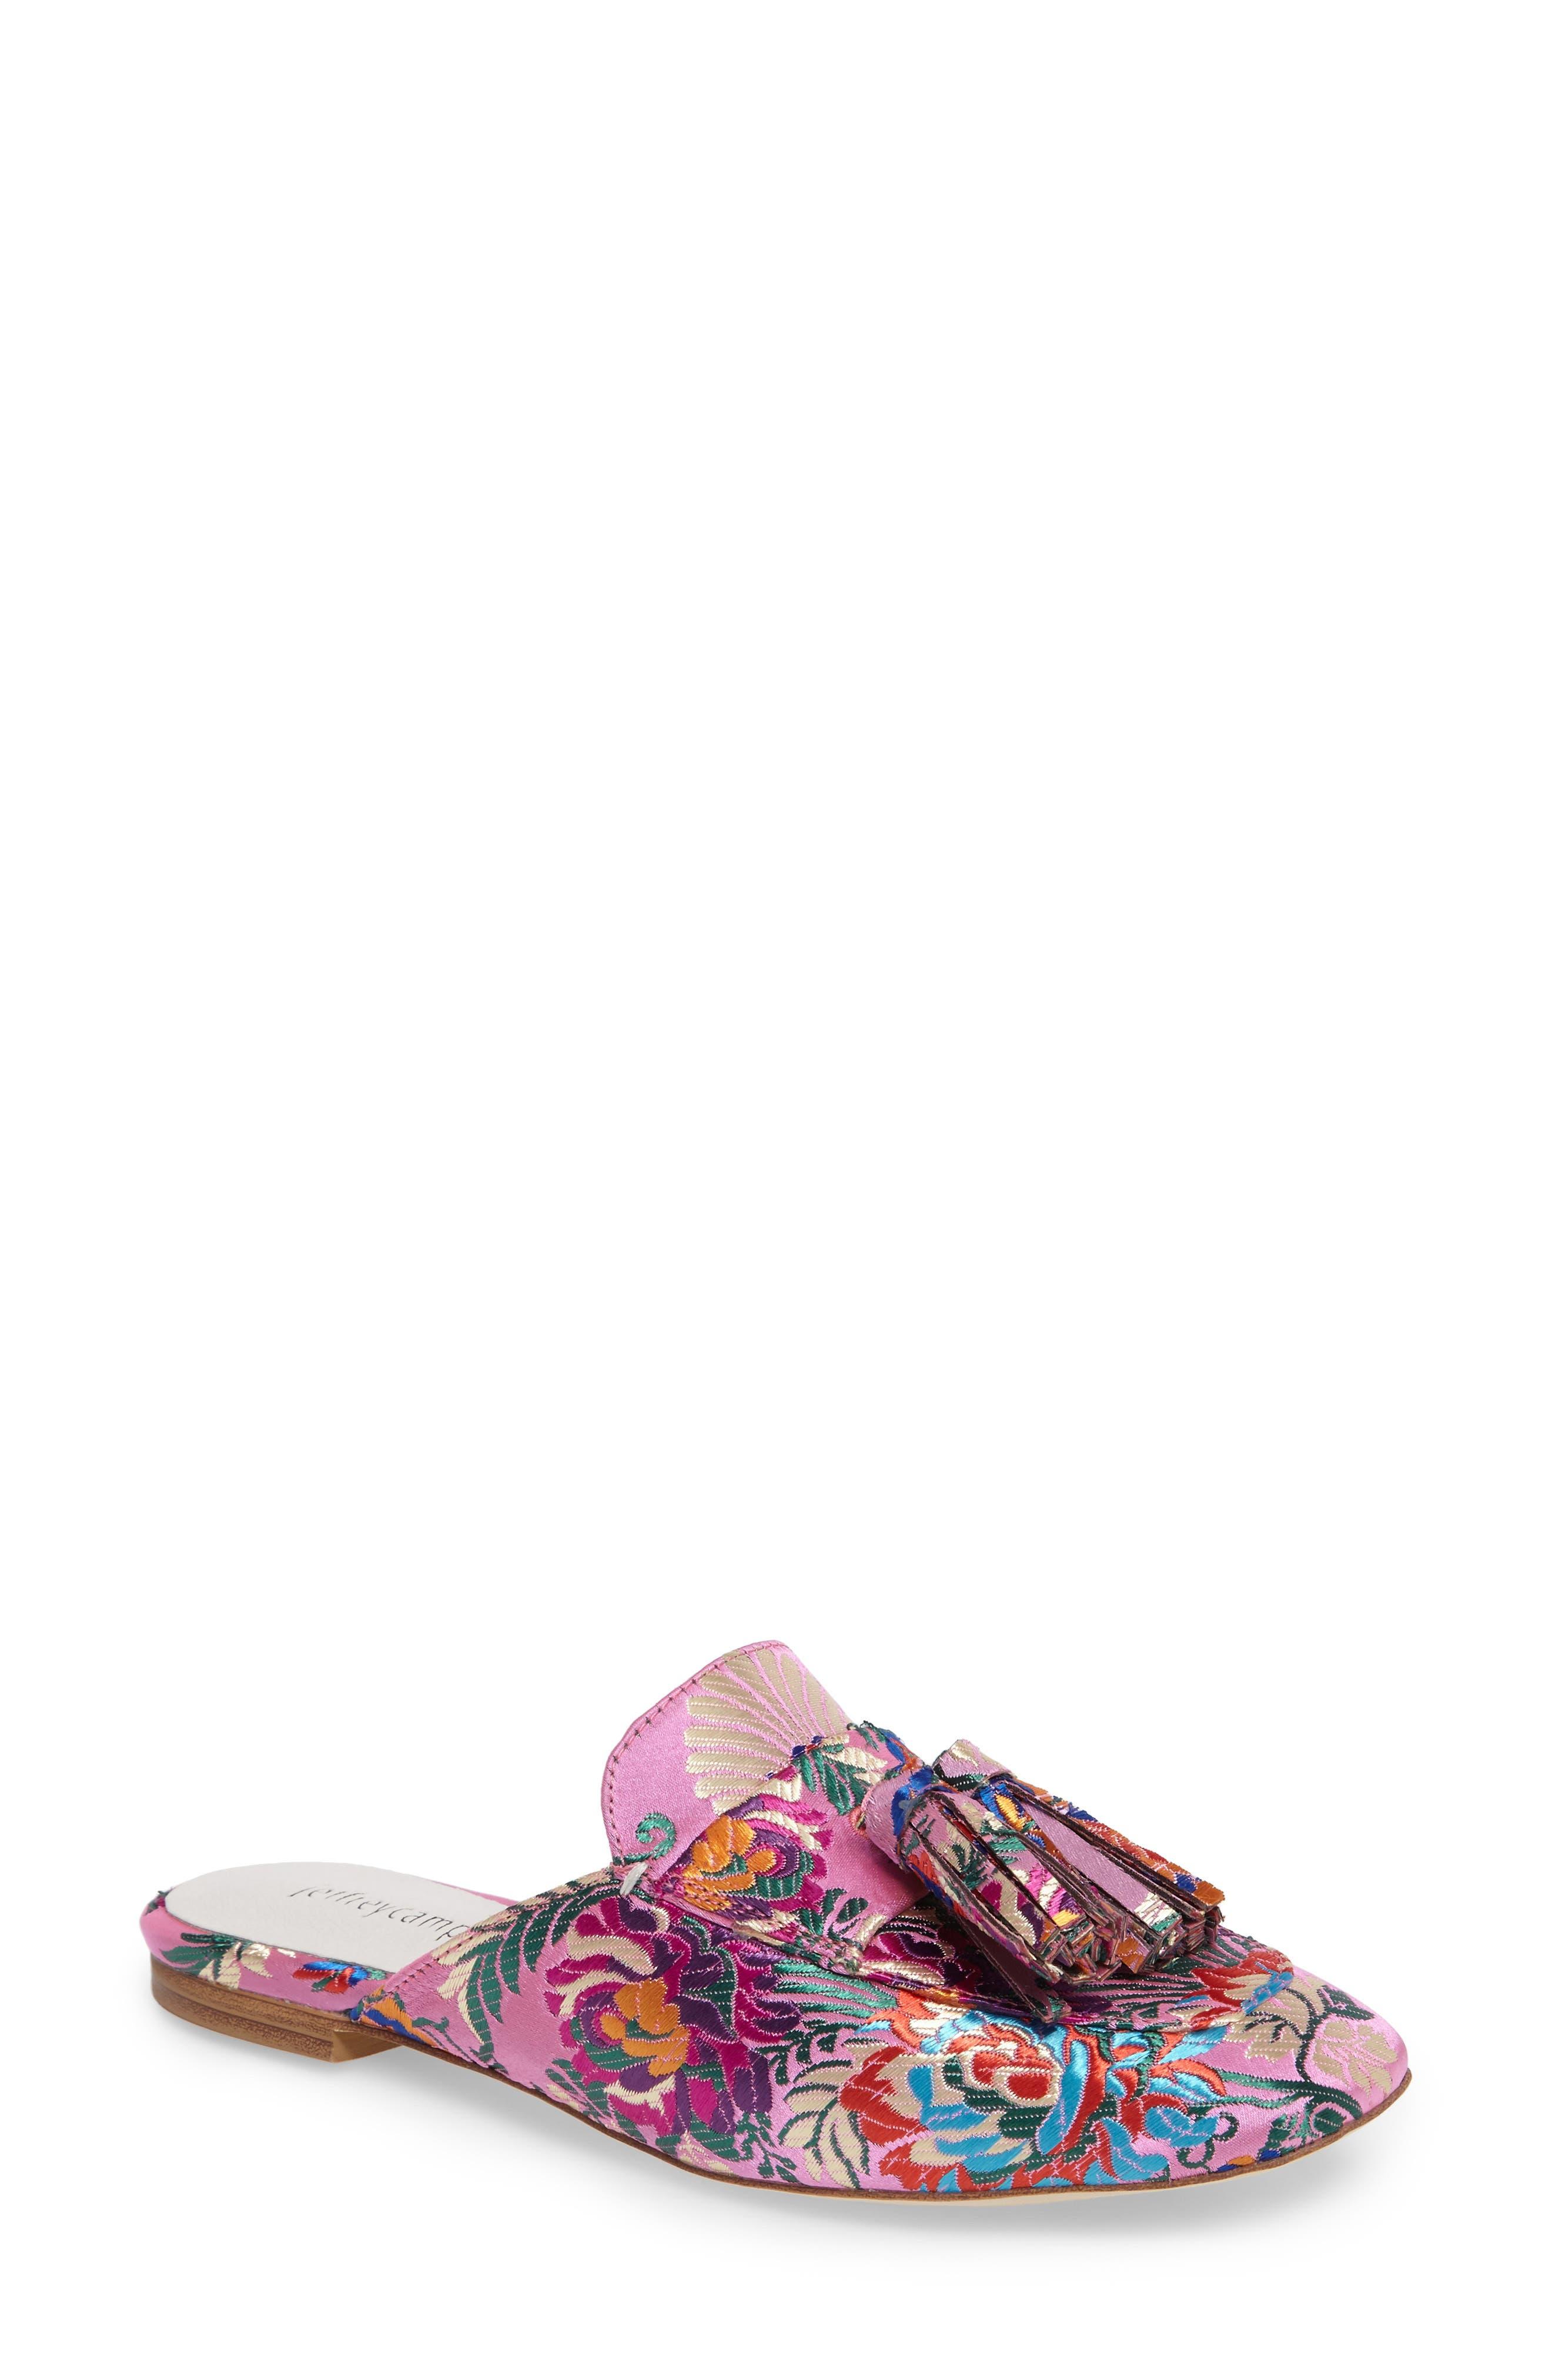 Main Image - Jeffrey Campbell Ravis Tassel Loafer Mule (Women)